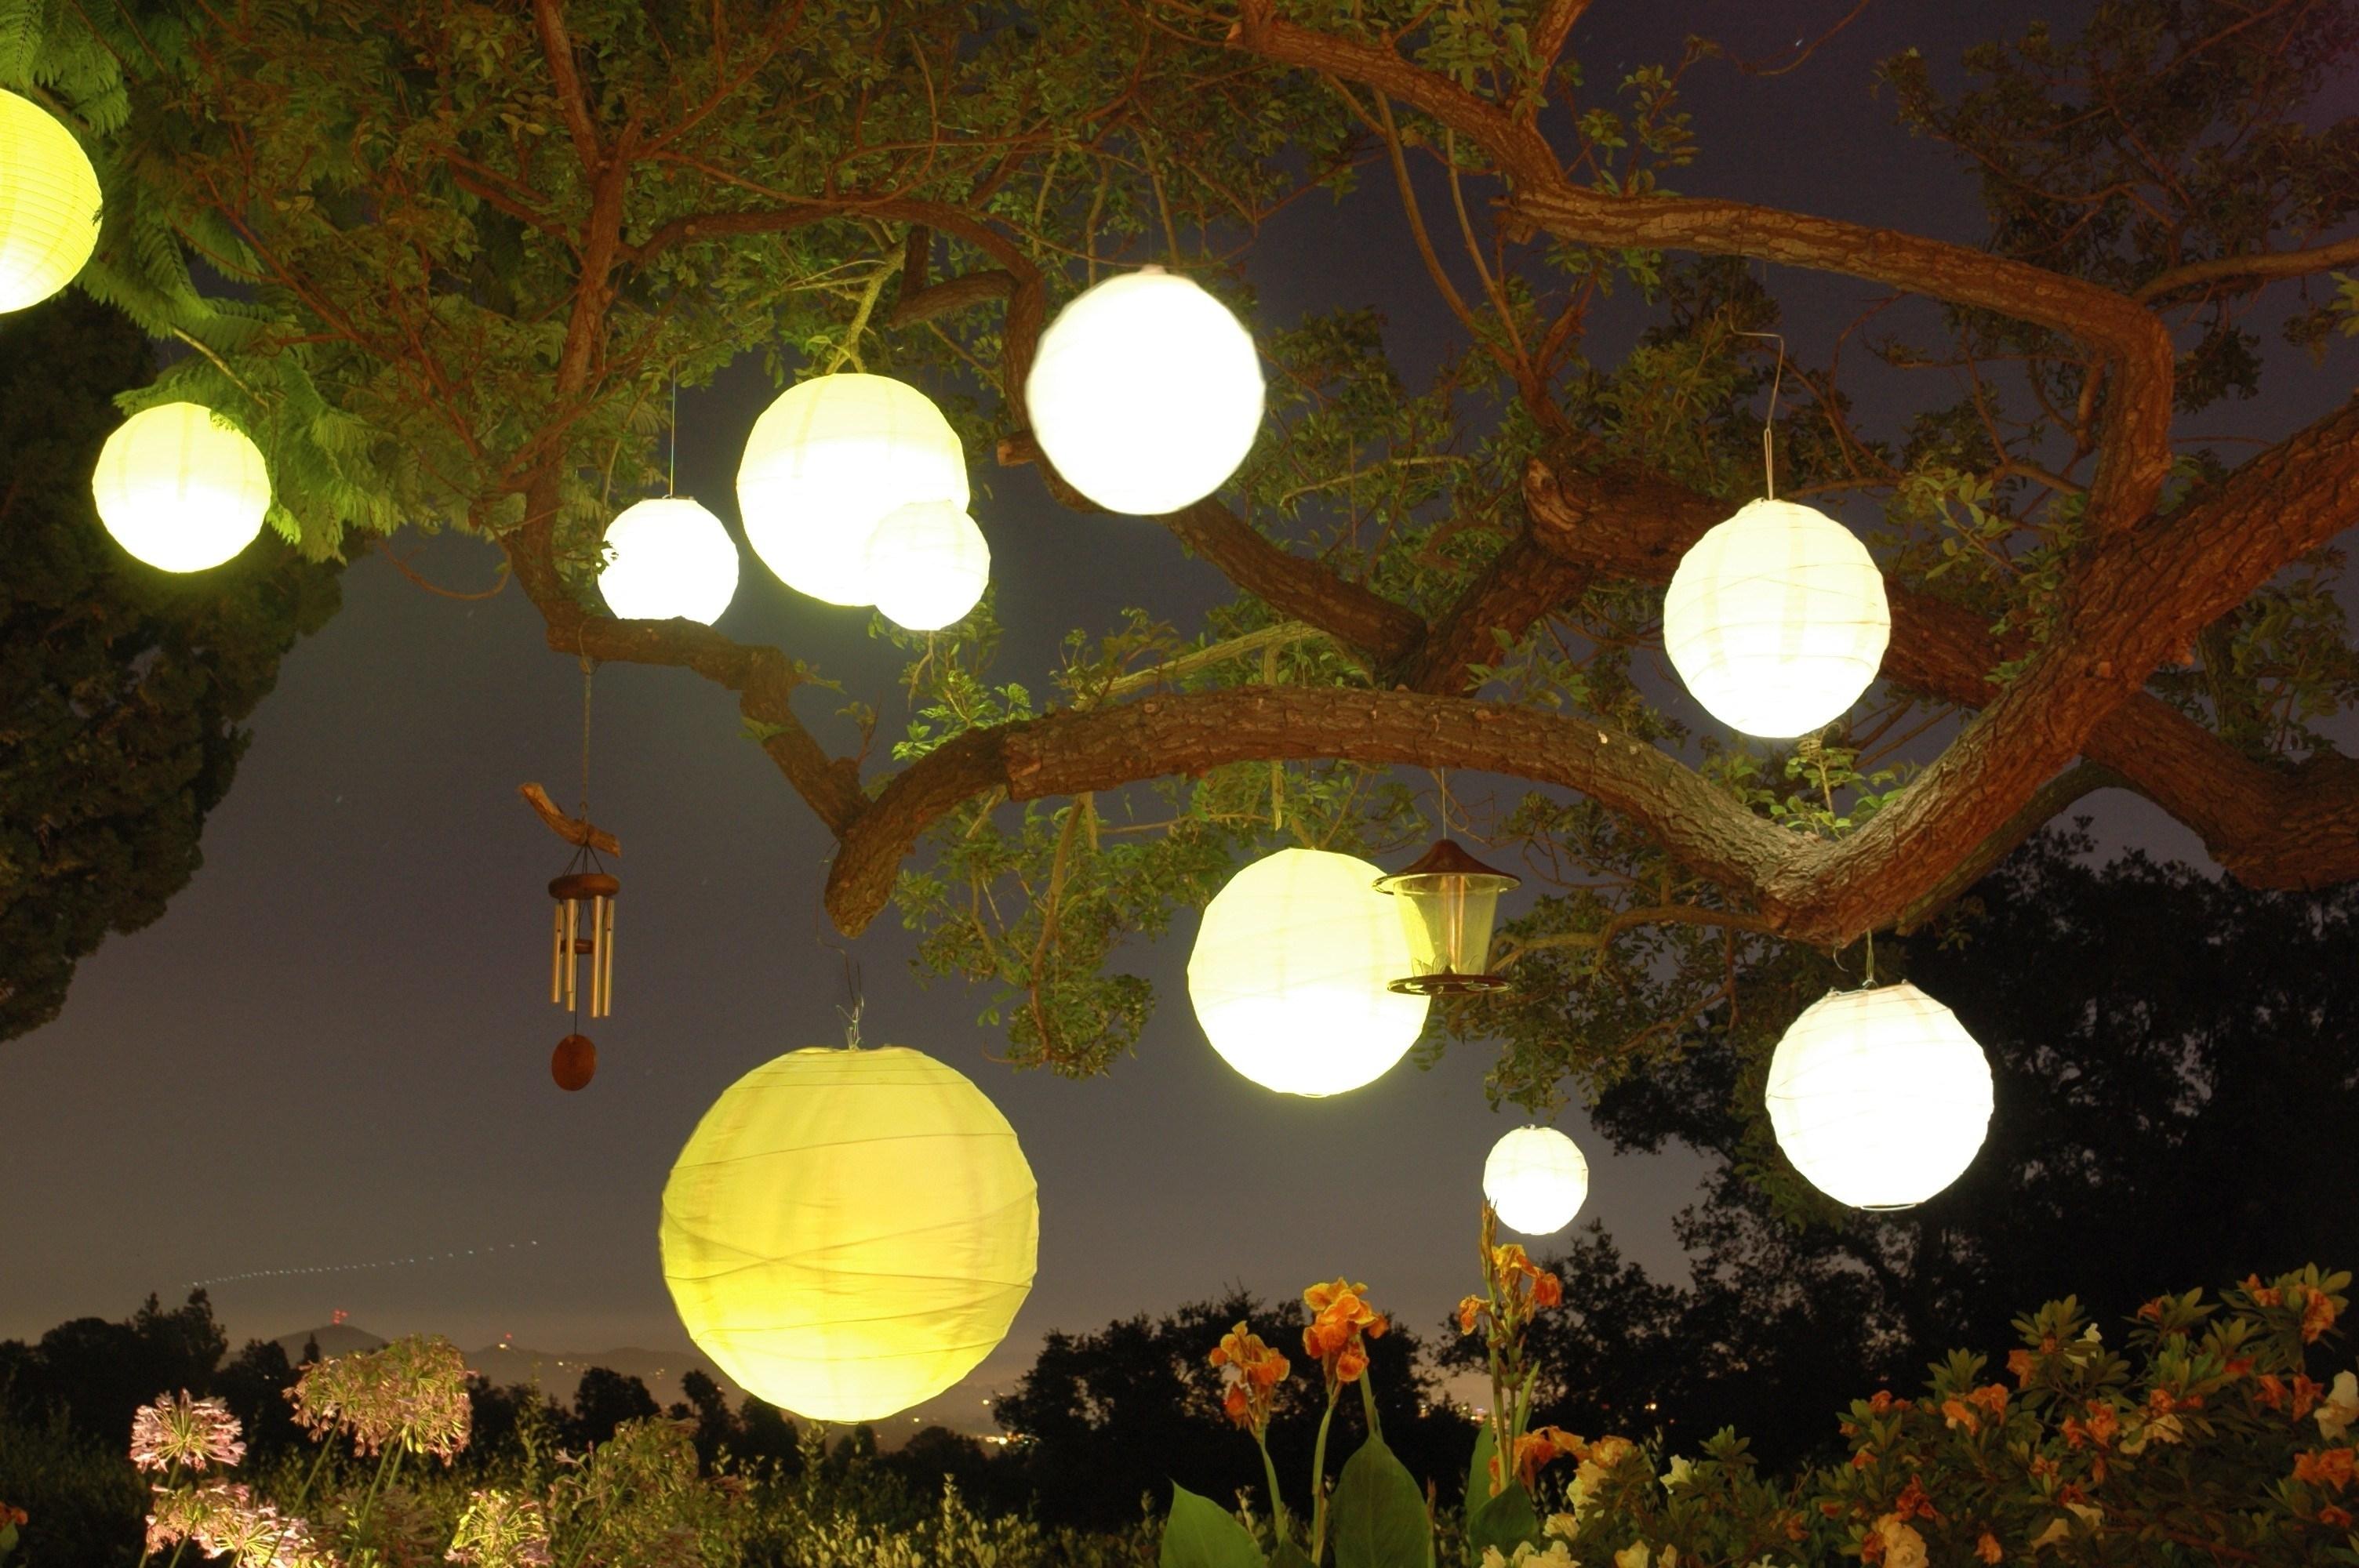 Sleek Wedding Diy Hanging Tree Lanterns Easy Diy Hanging Lanterns intended for Outdoor Paper Lanterns (Image 18 of 20)